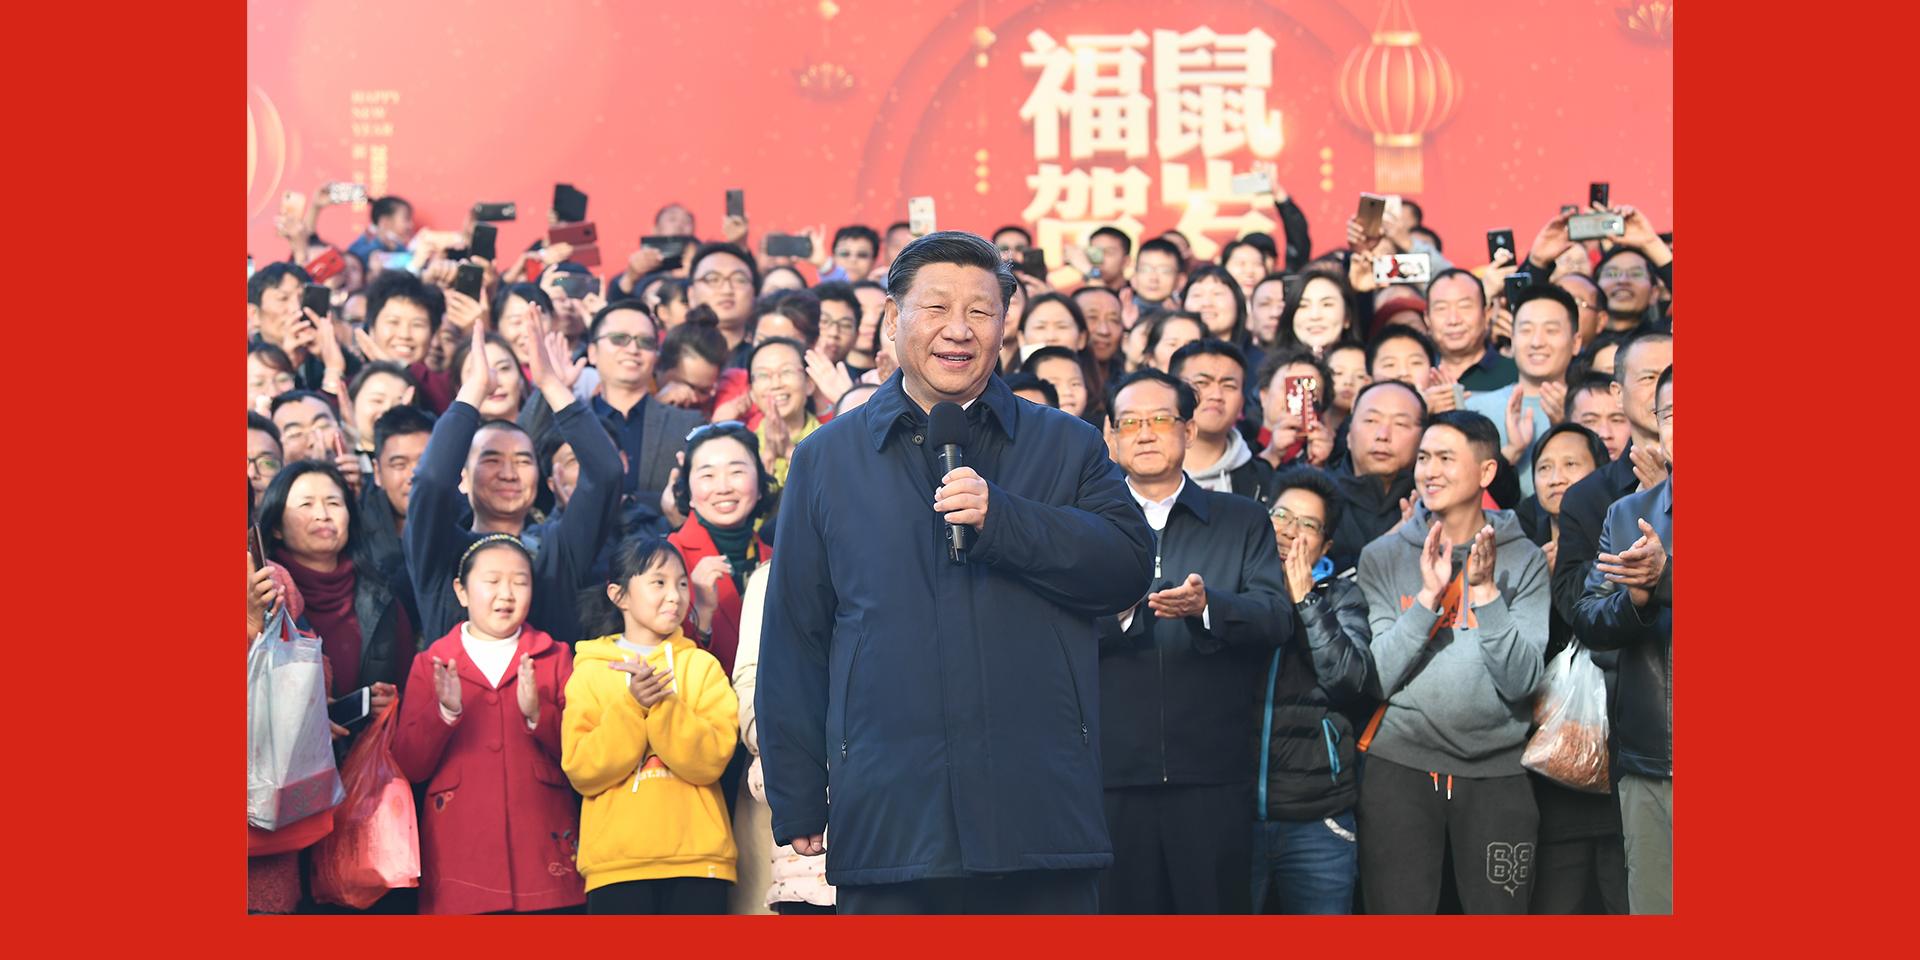 春节是辞旧迎新的美好时刻,总会给人们带来新的憧憬。